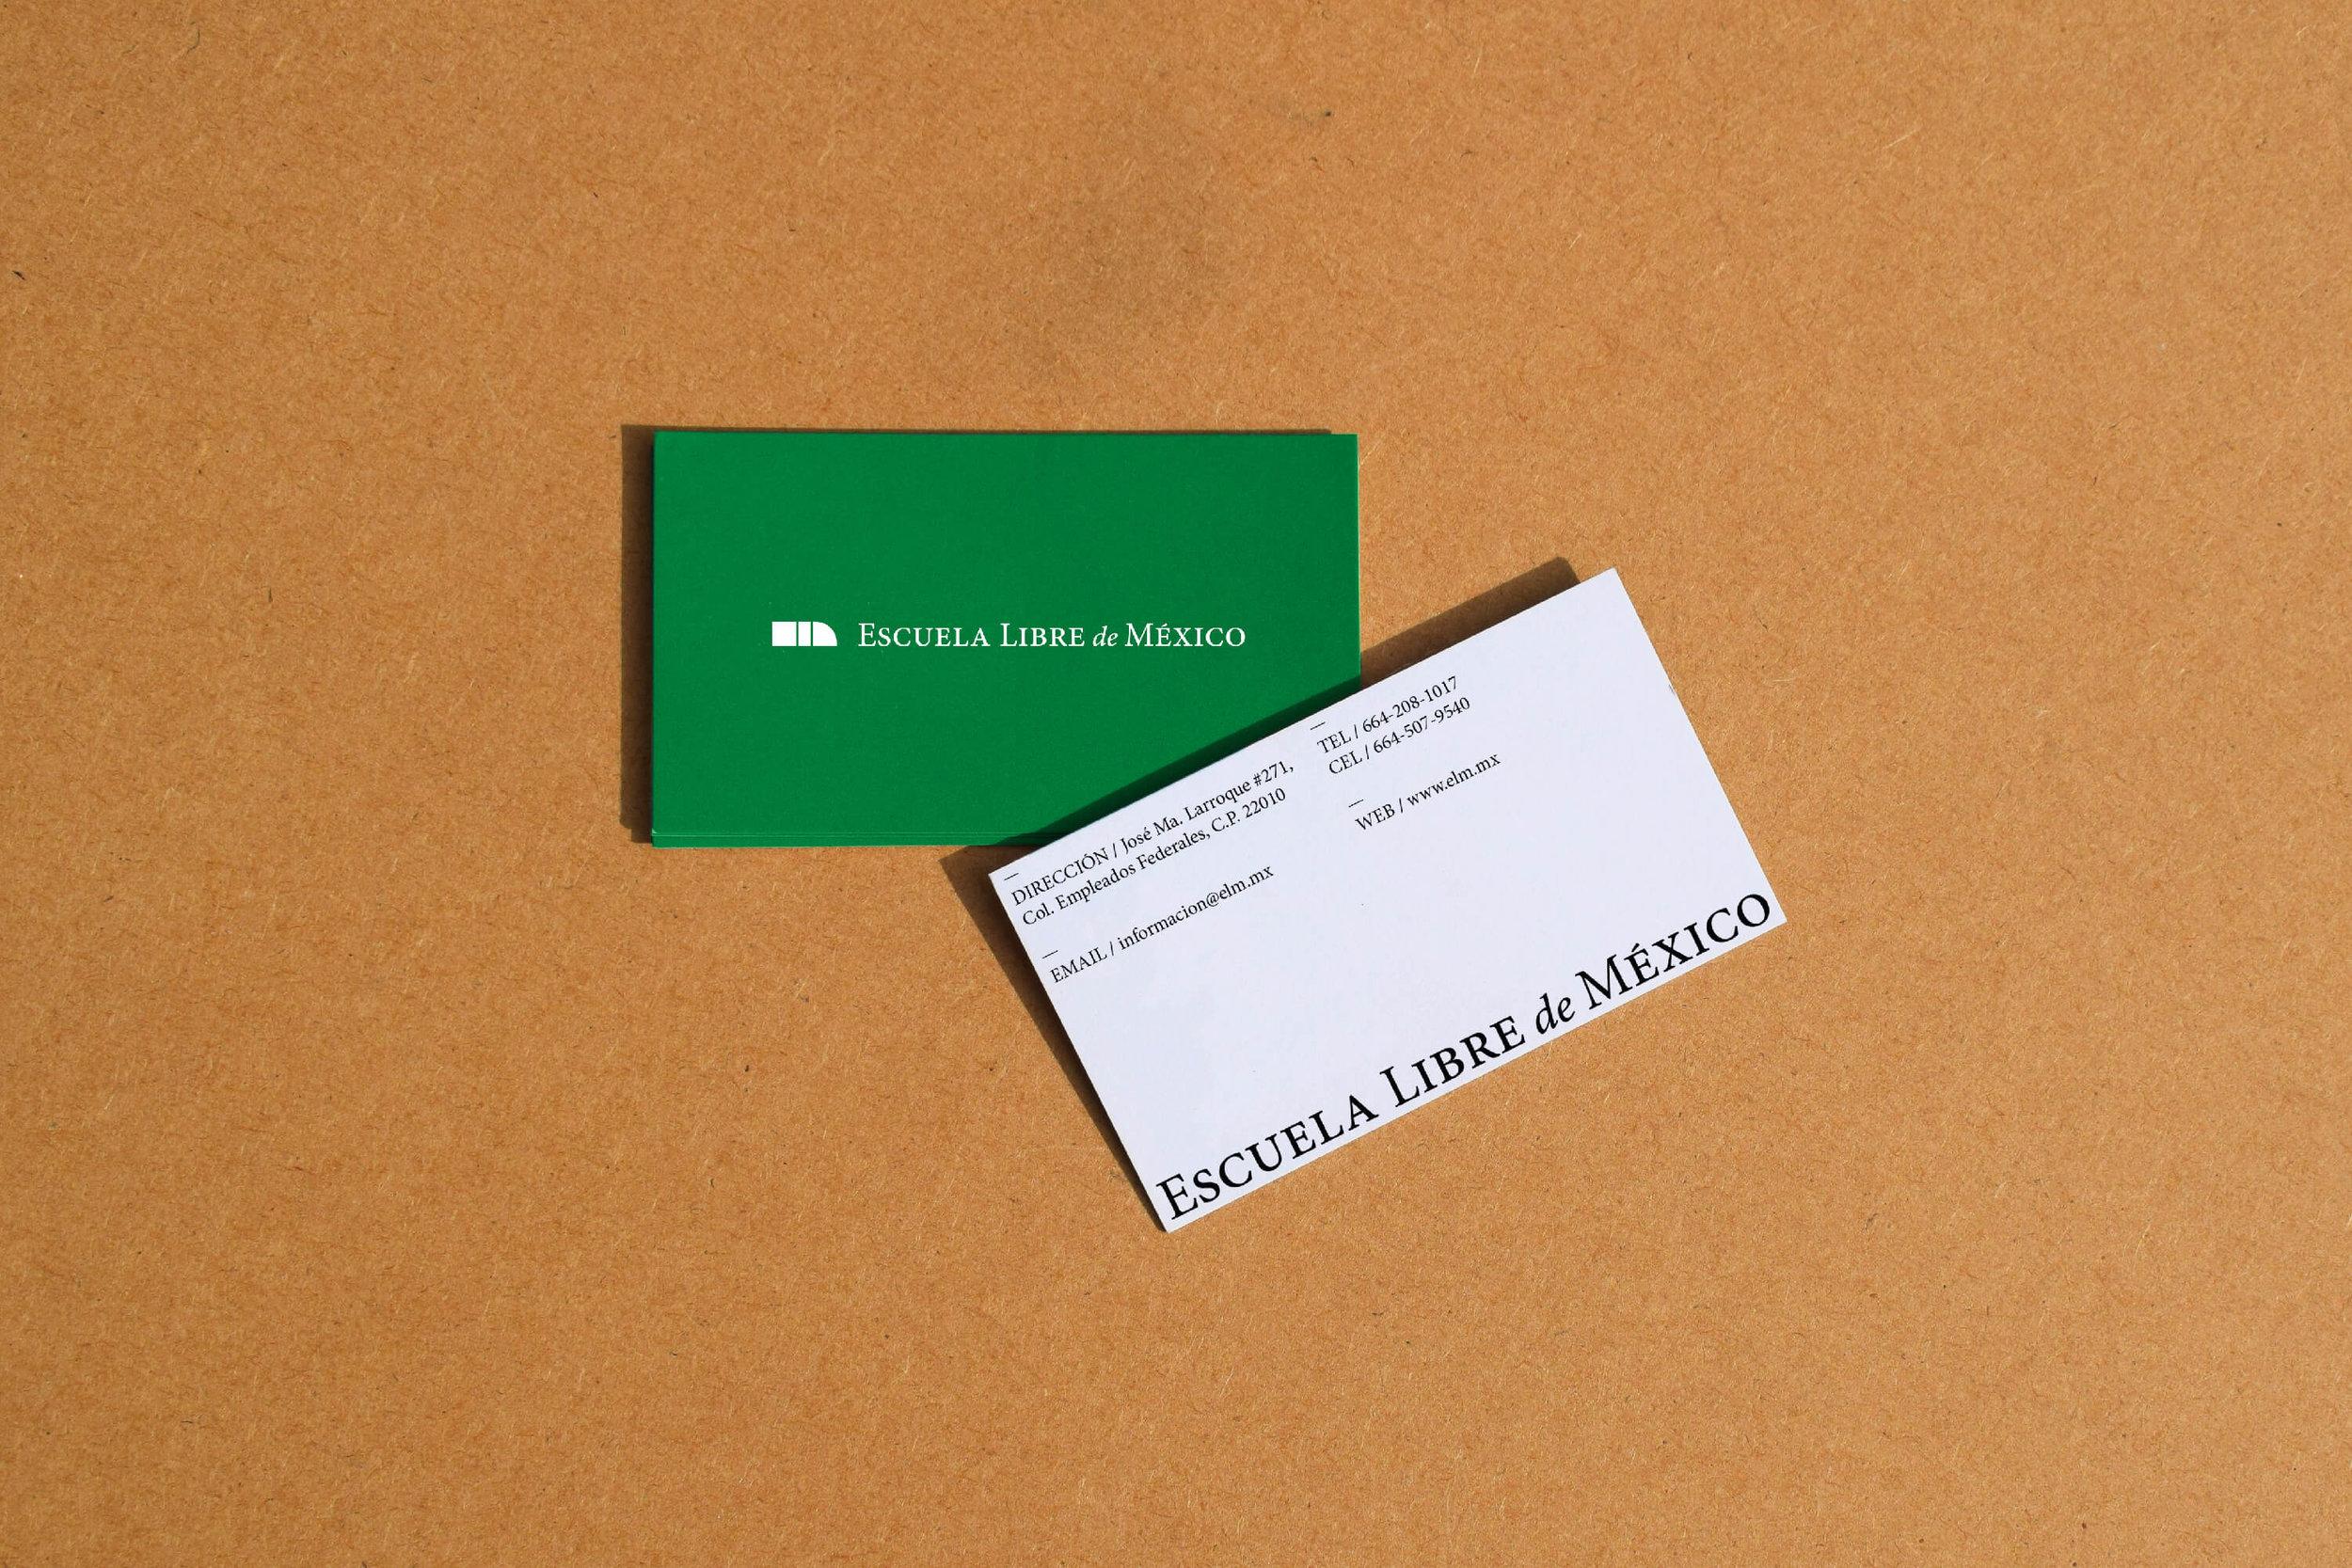 logo-design-branding-san-diego-vortic-escuela-libre-de-mexico-06-2